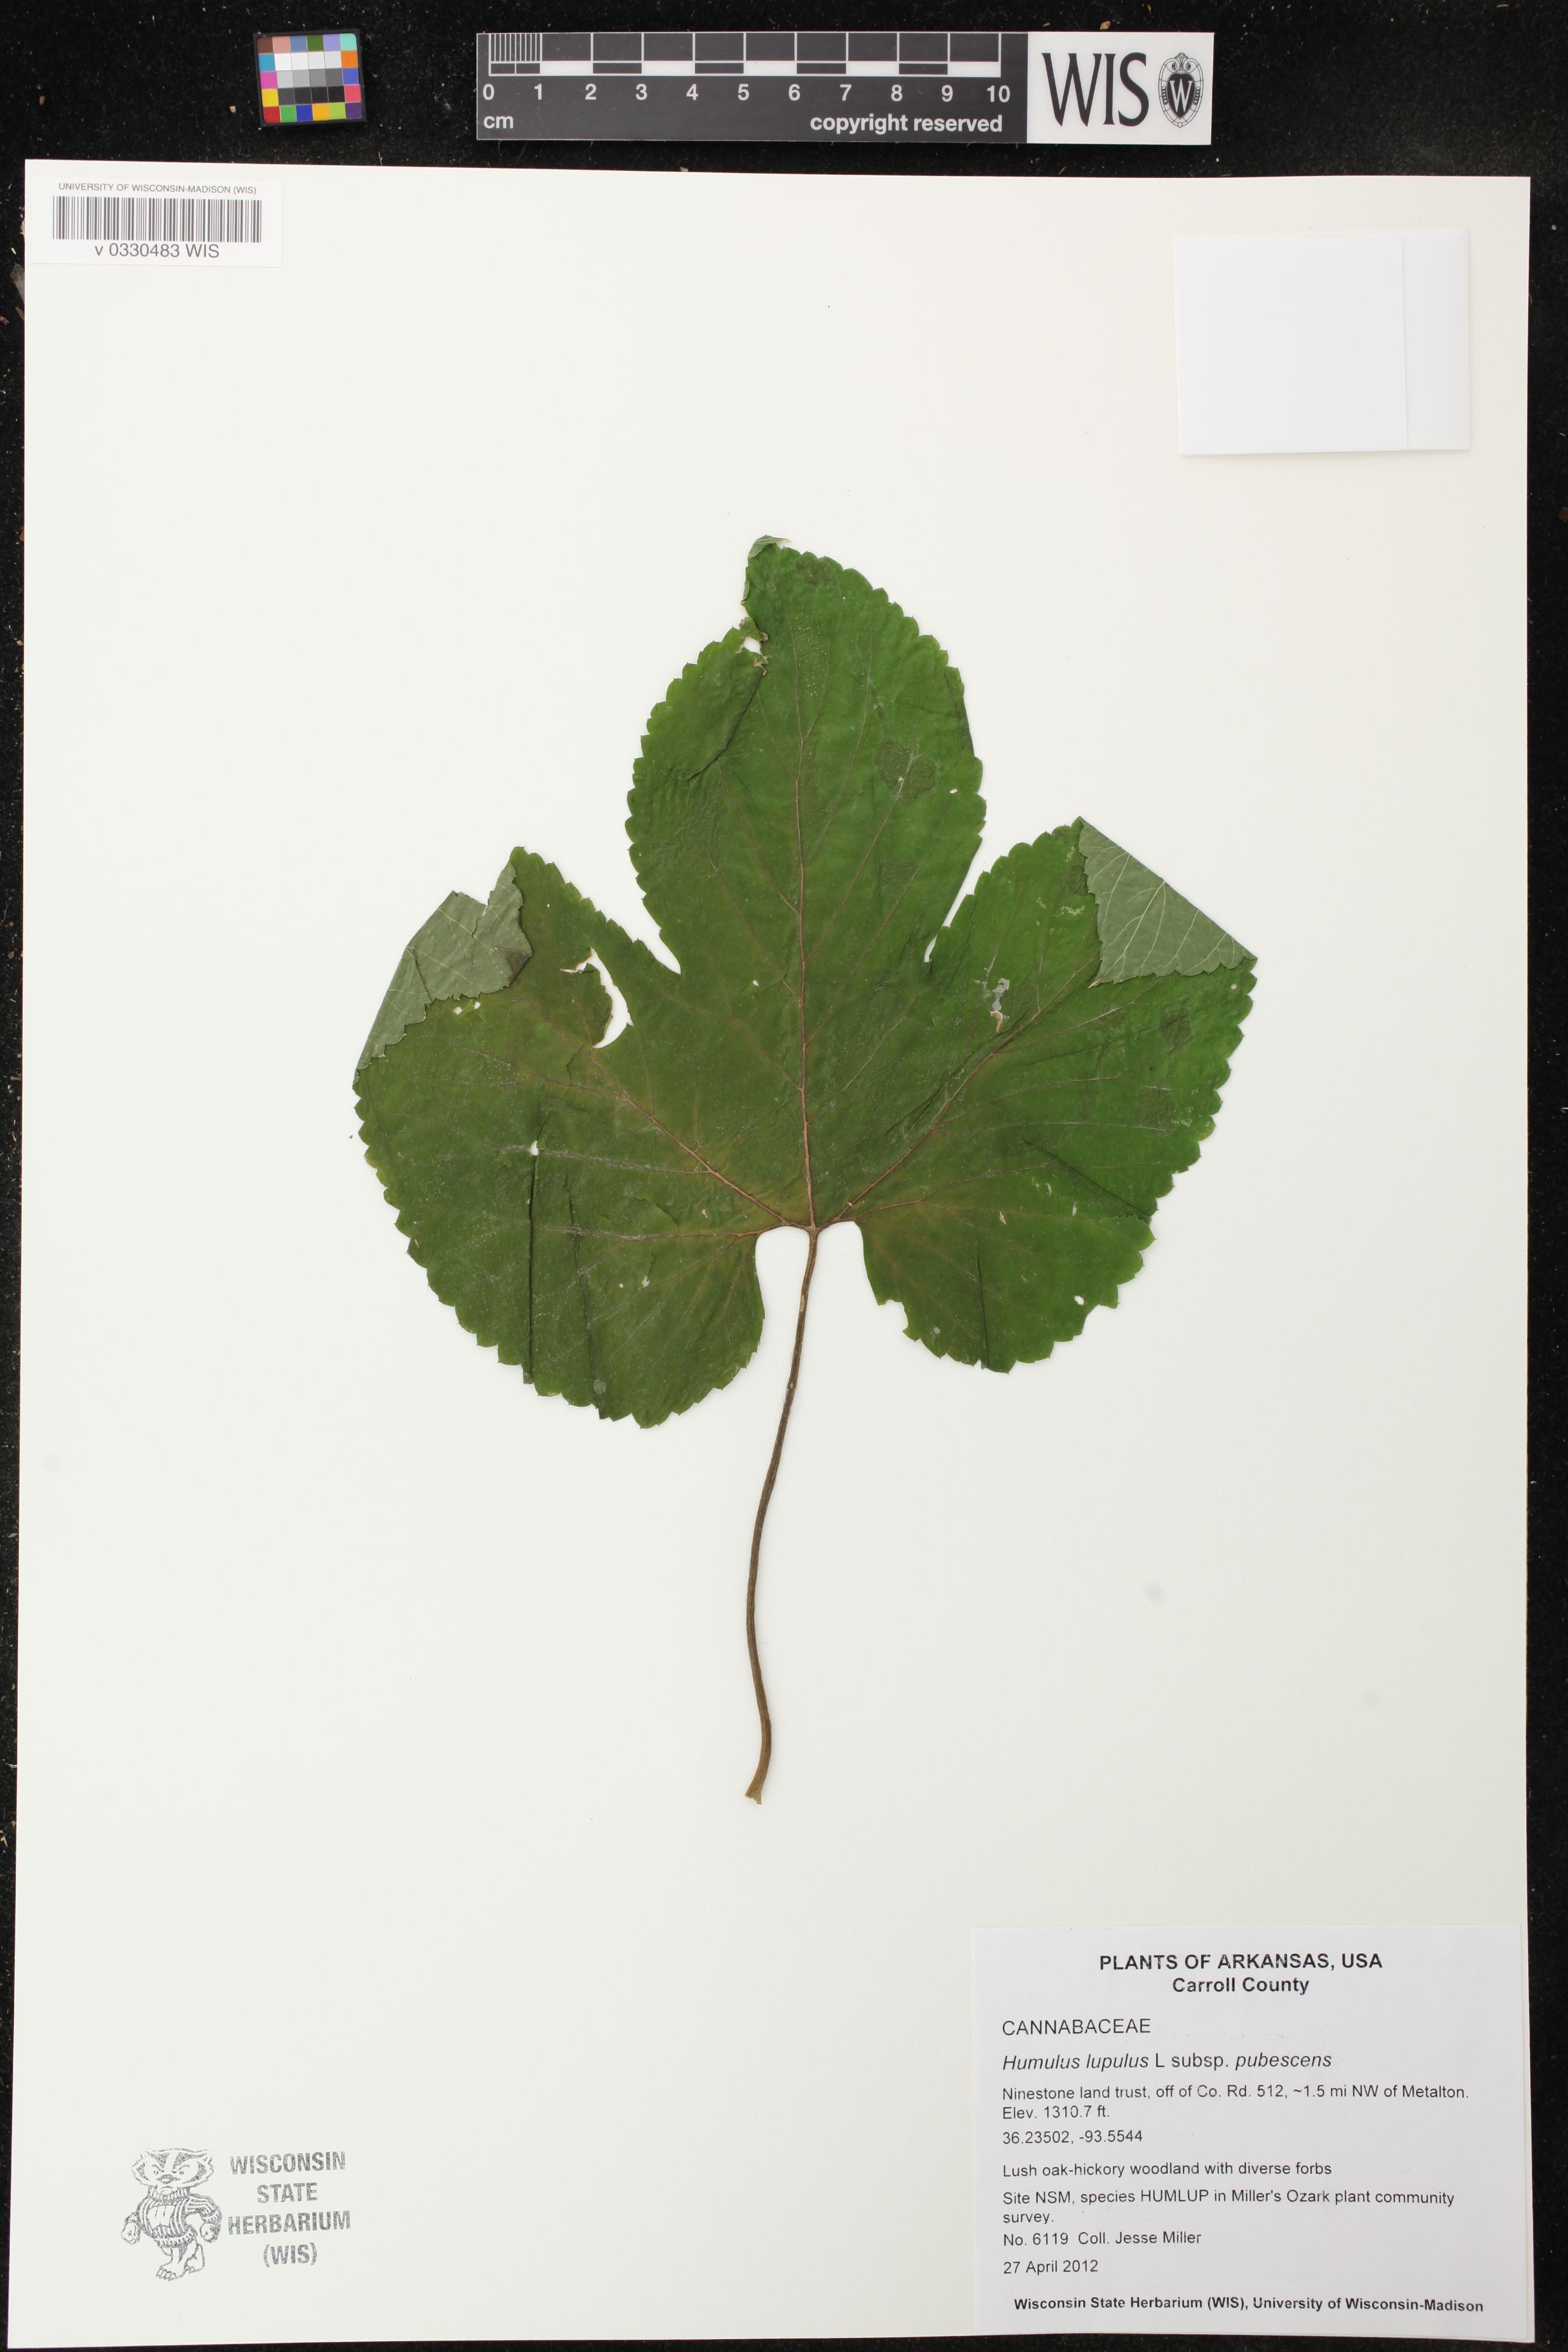 Image of Humulus lupulus var. pubescens